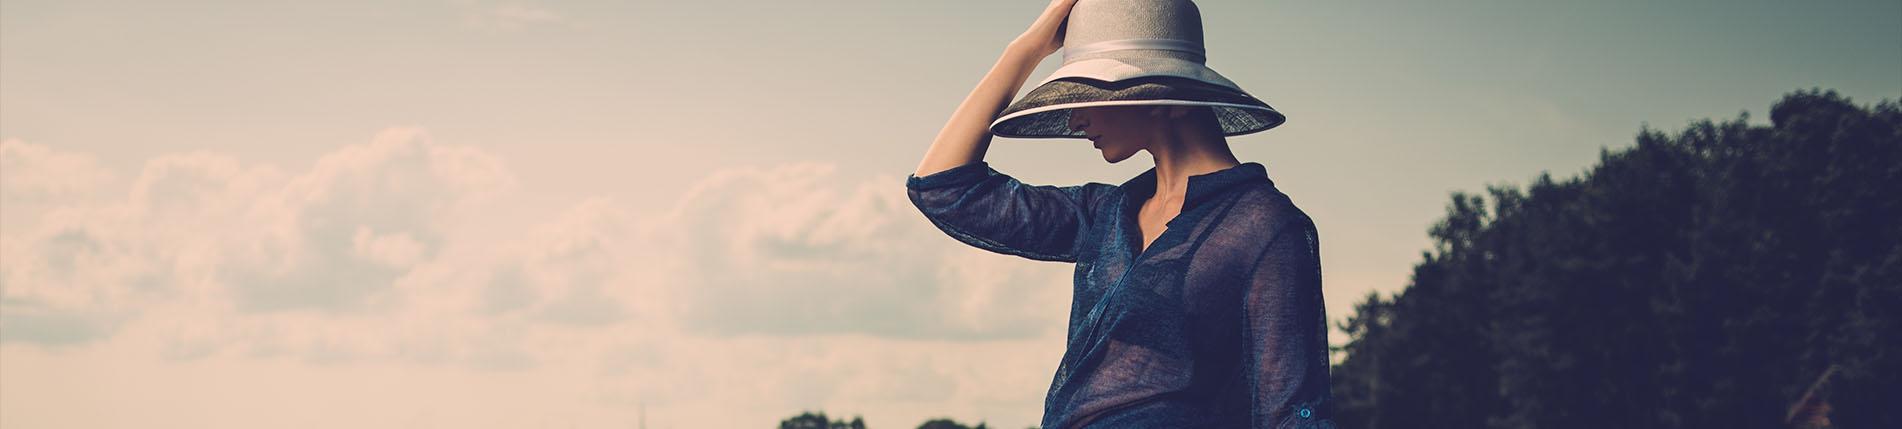 Frauen Outdoorbekleidung